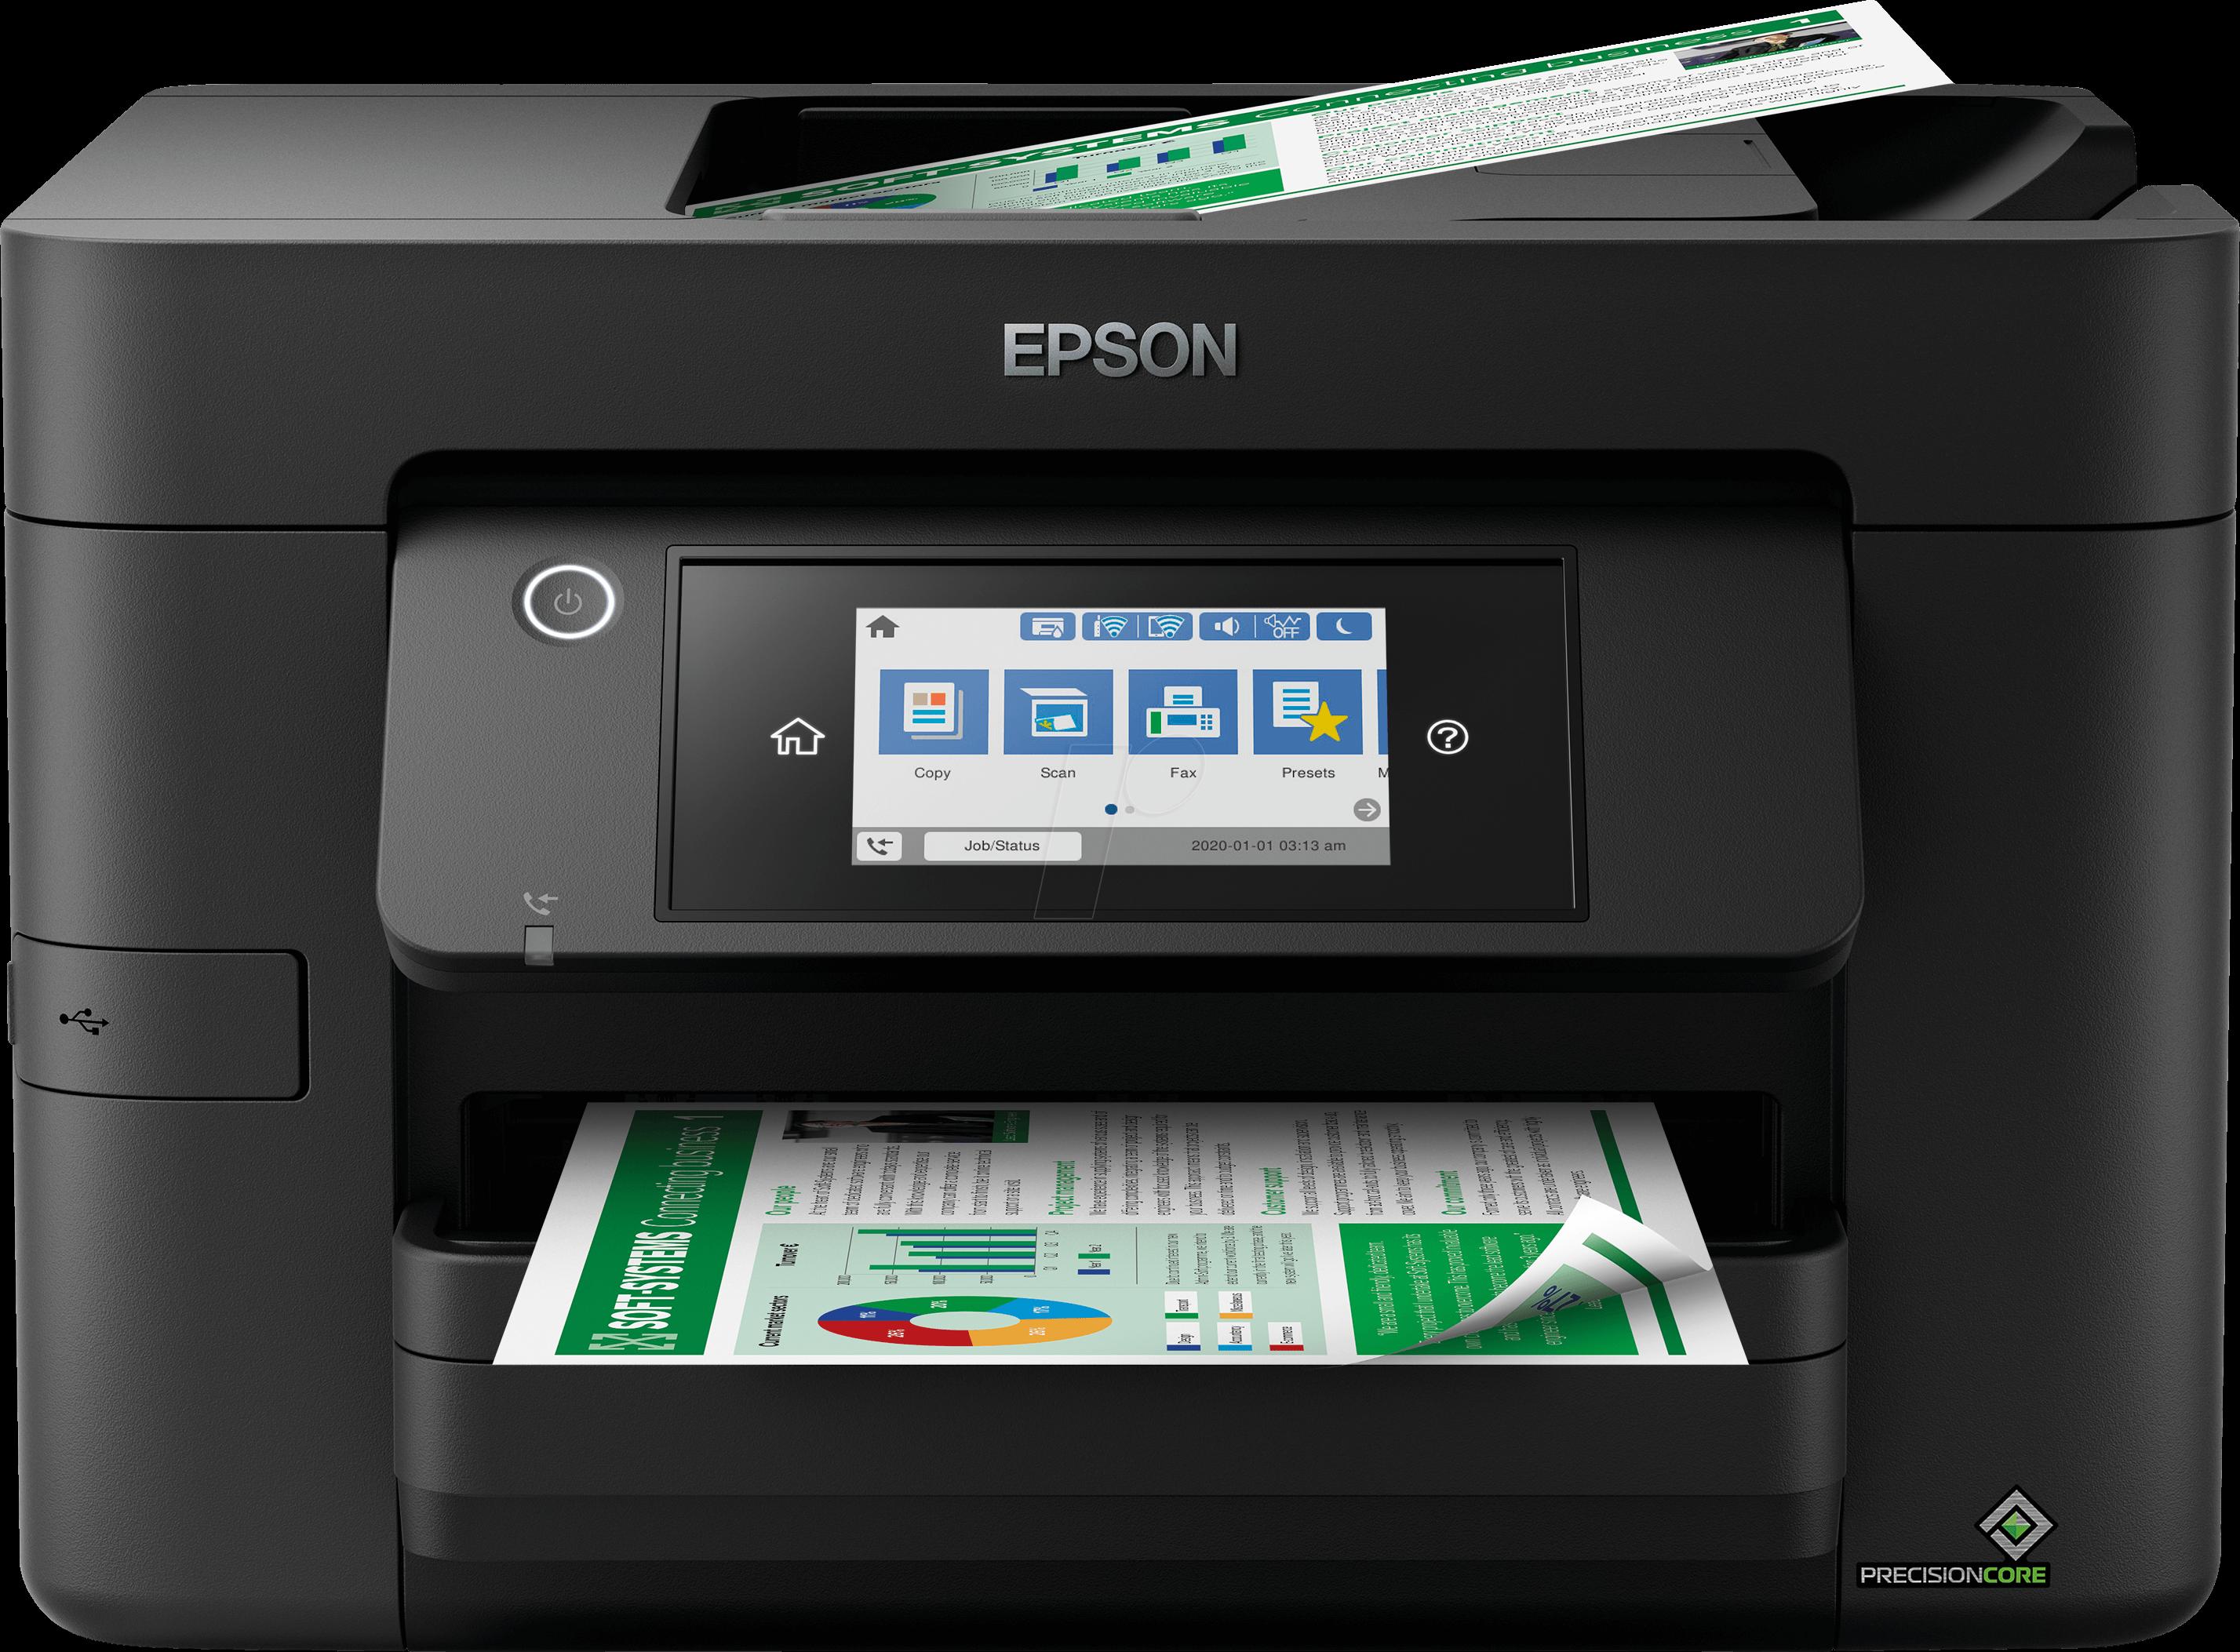 EPSON WF4820DWF Drucker, Tinte, 4 in 1, WLAN, LAN, Duplex, ink. UHG